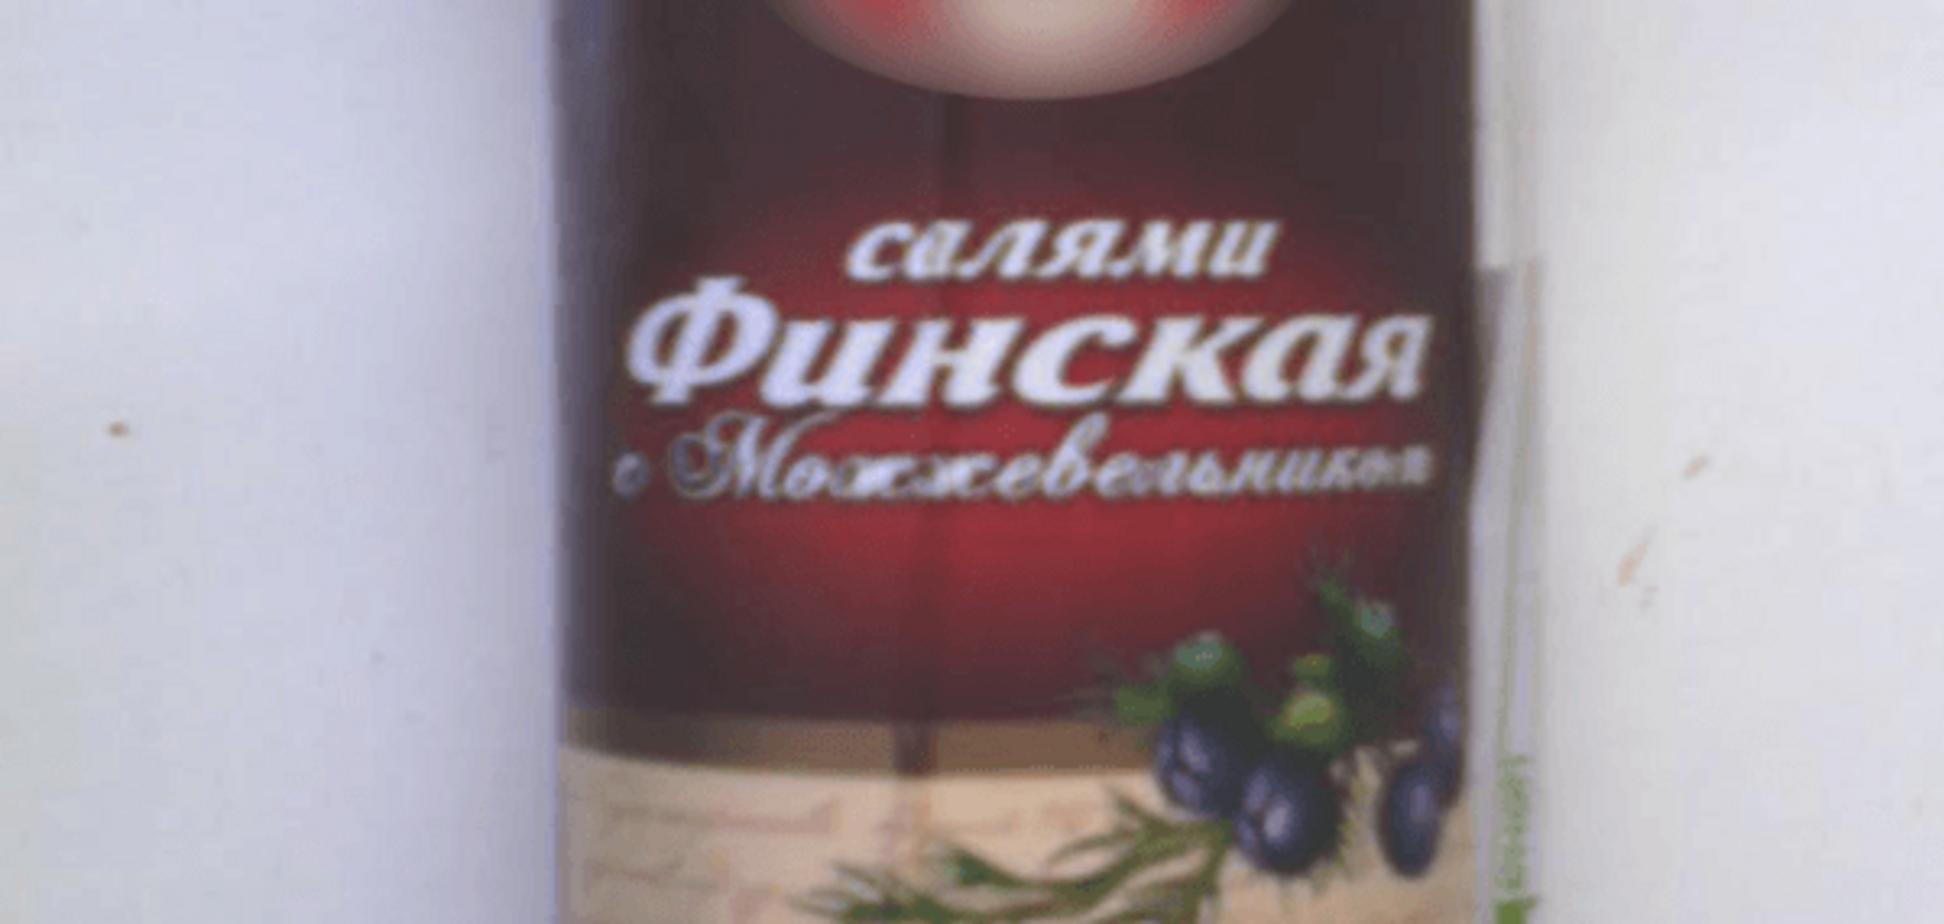 Новинки гастрономії. У Донецьк завезли російську ковбасу з травою: фотофакт